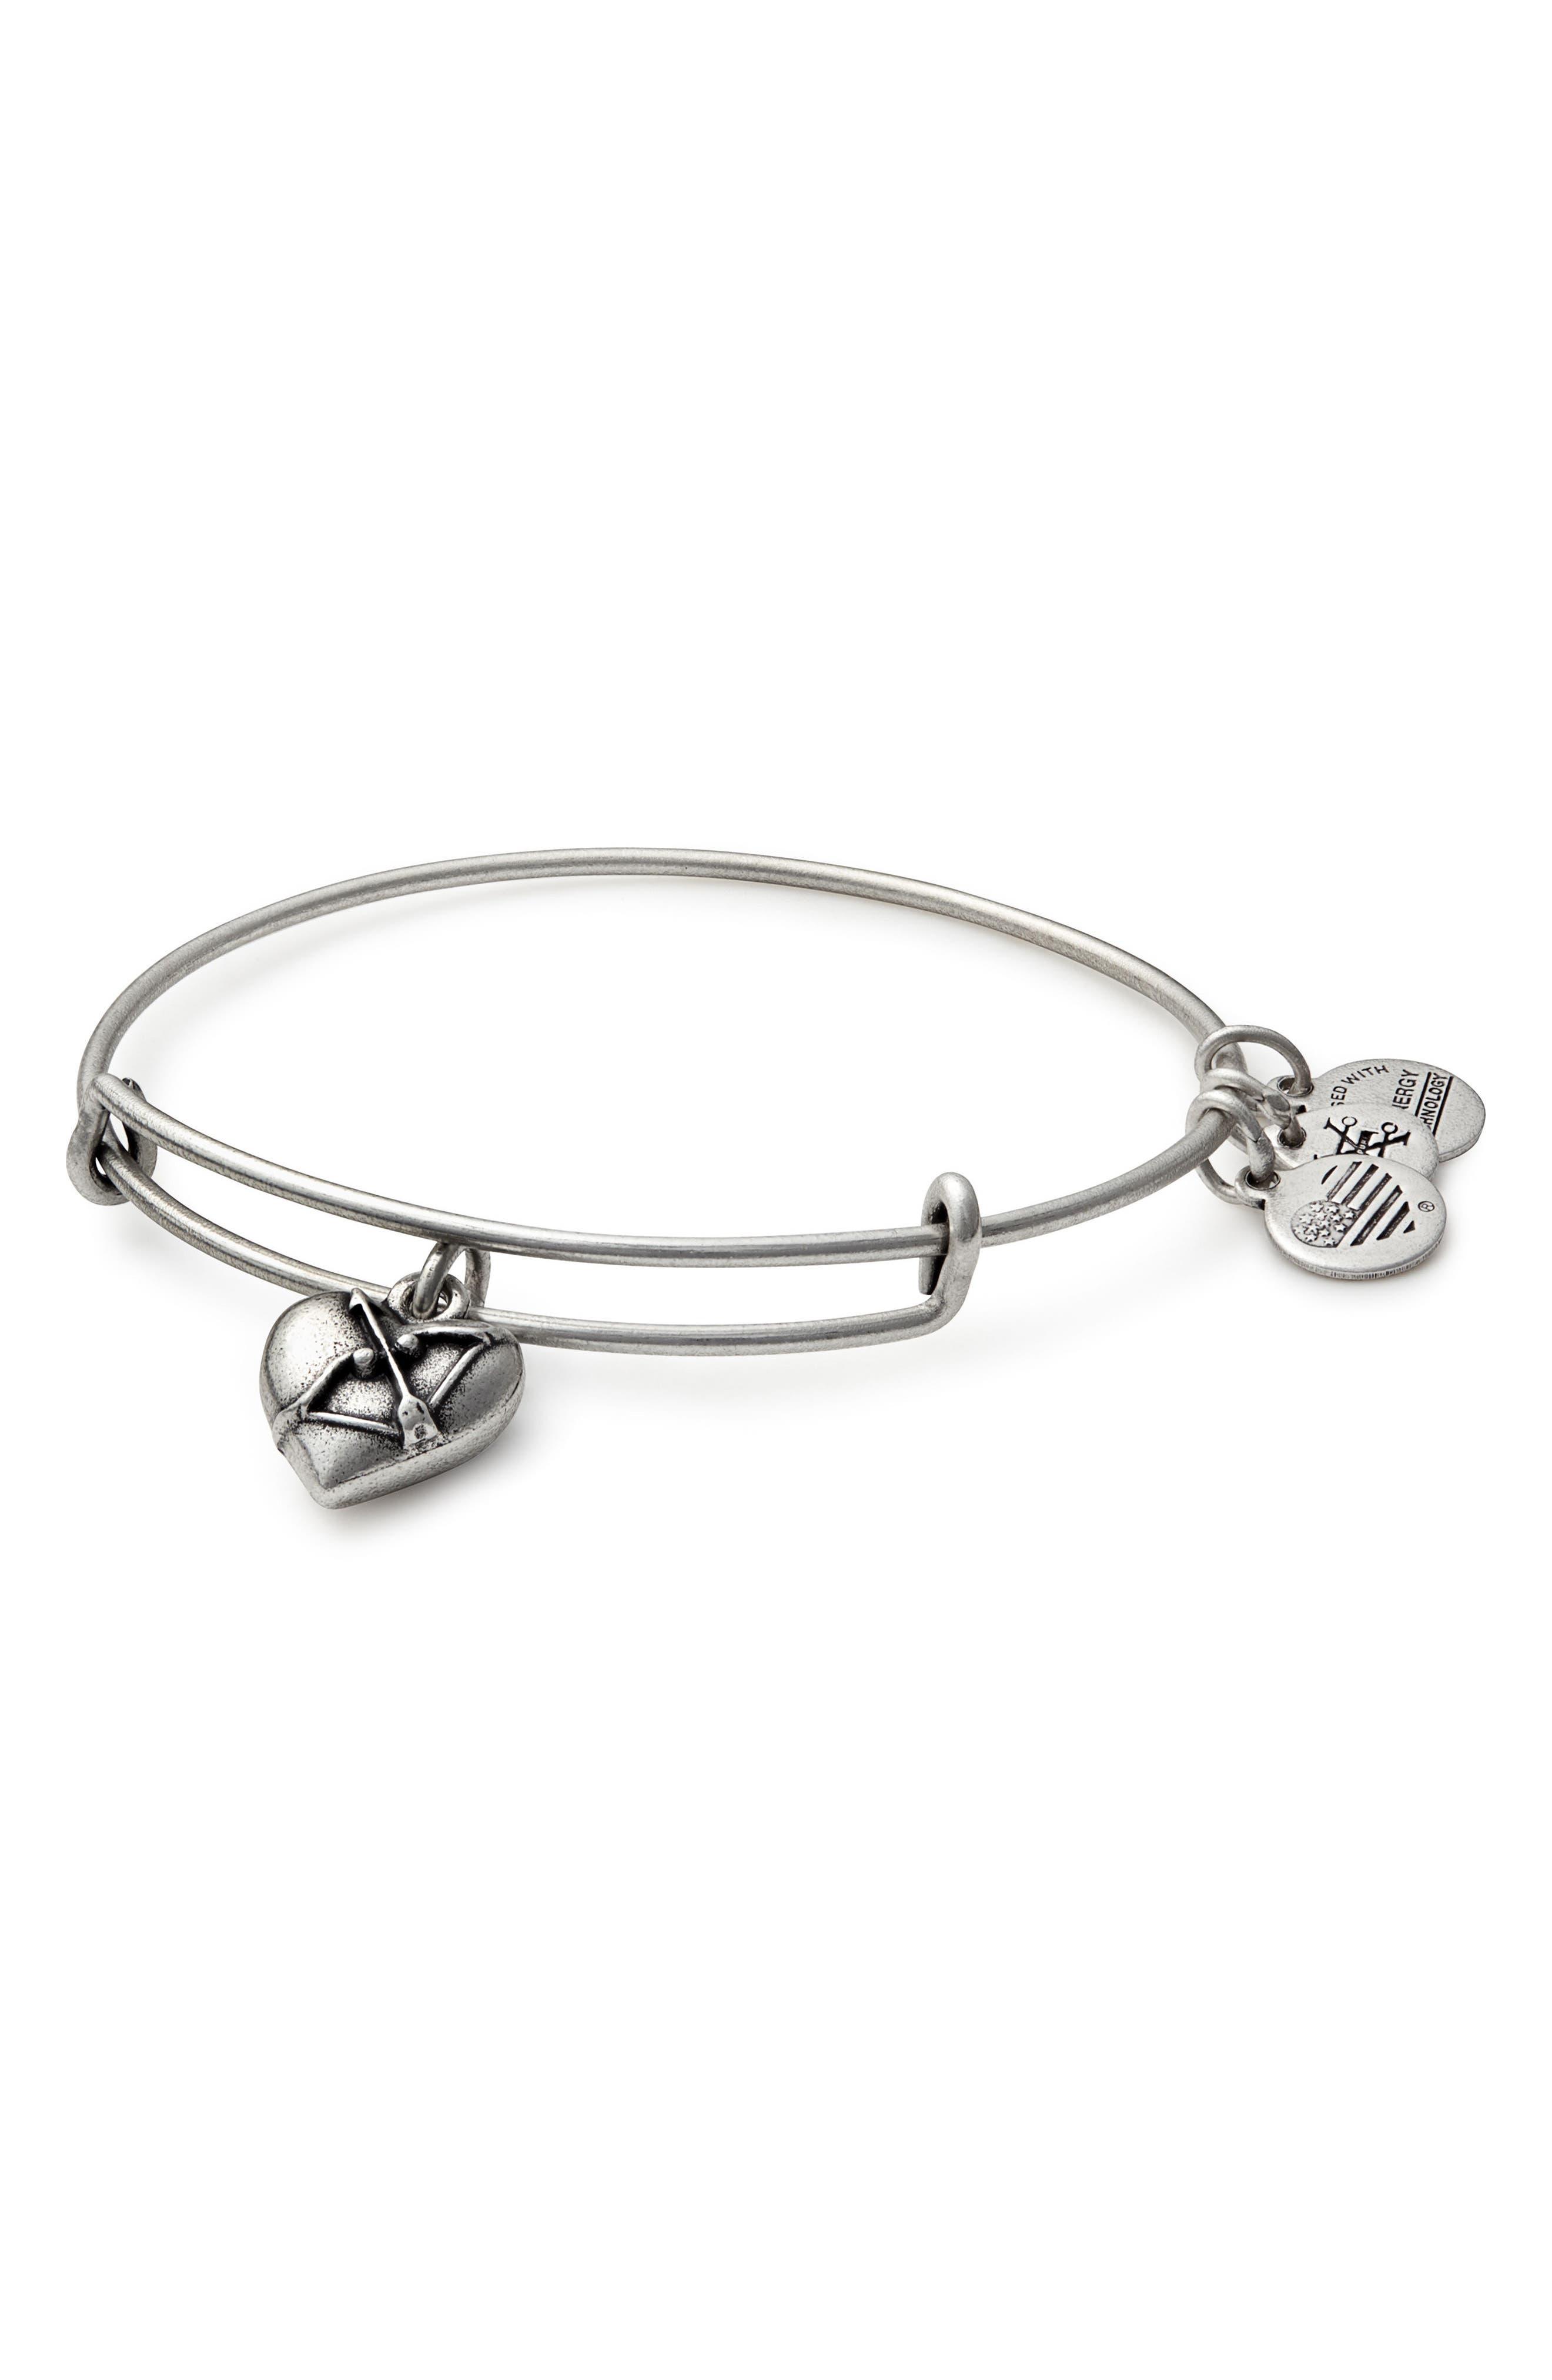 Cupid's Heart Expandable Charm Bracelet,                             Main thumbnail 1, color,                             040